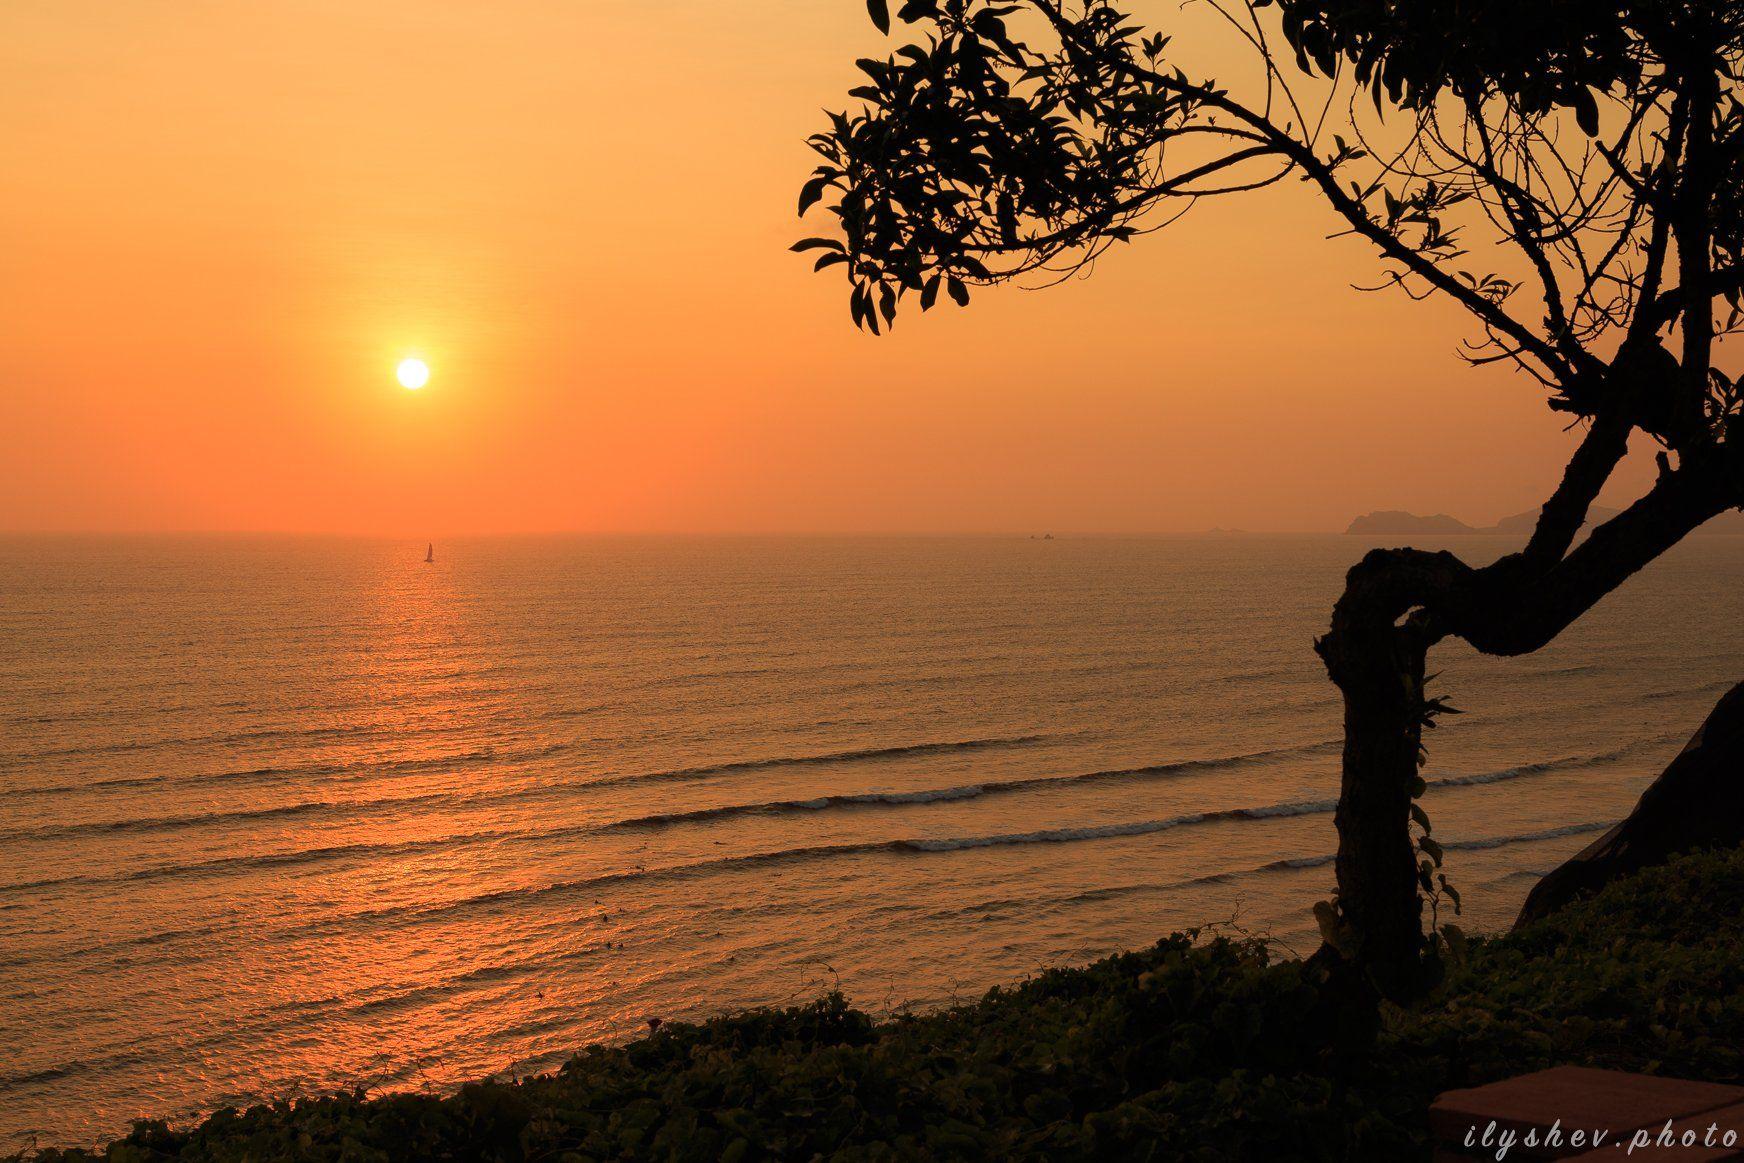 закат, пейзаж, природа, тихий океан, побережье, перу, южная америка, Дмитрий Илышев (ilyshev.photo)